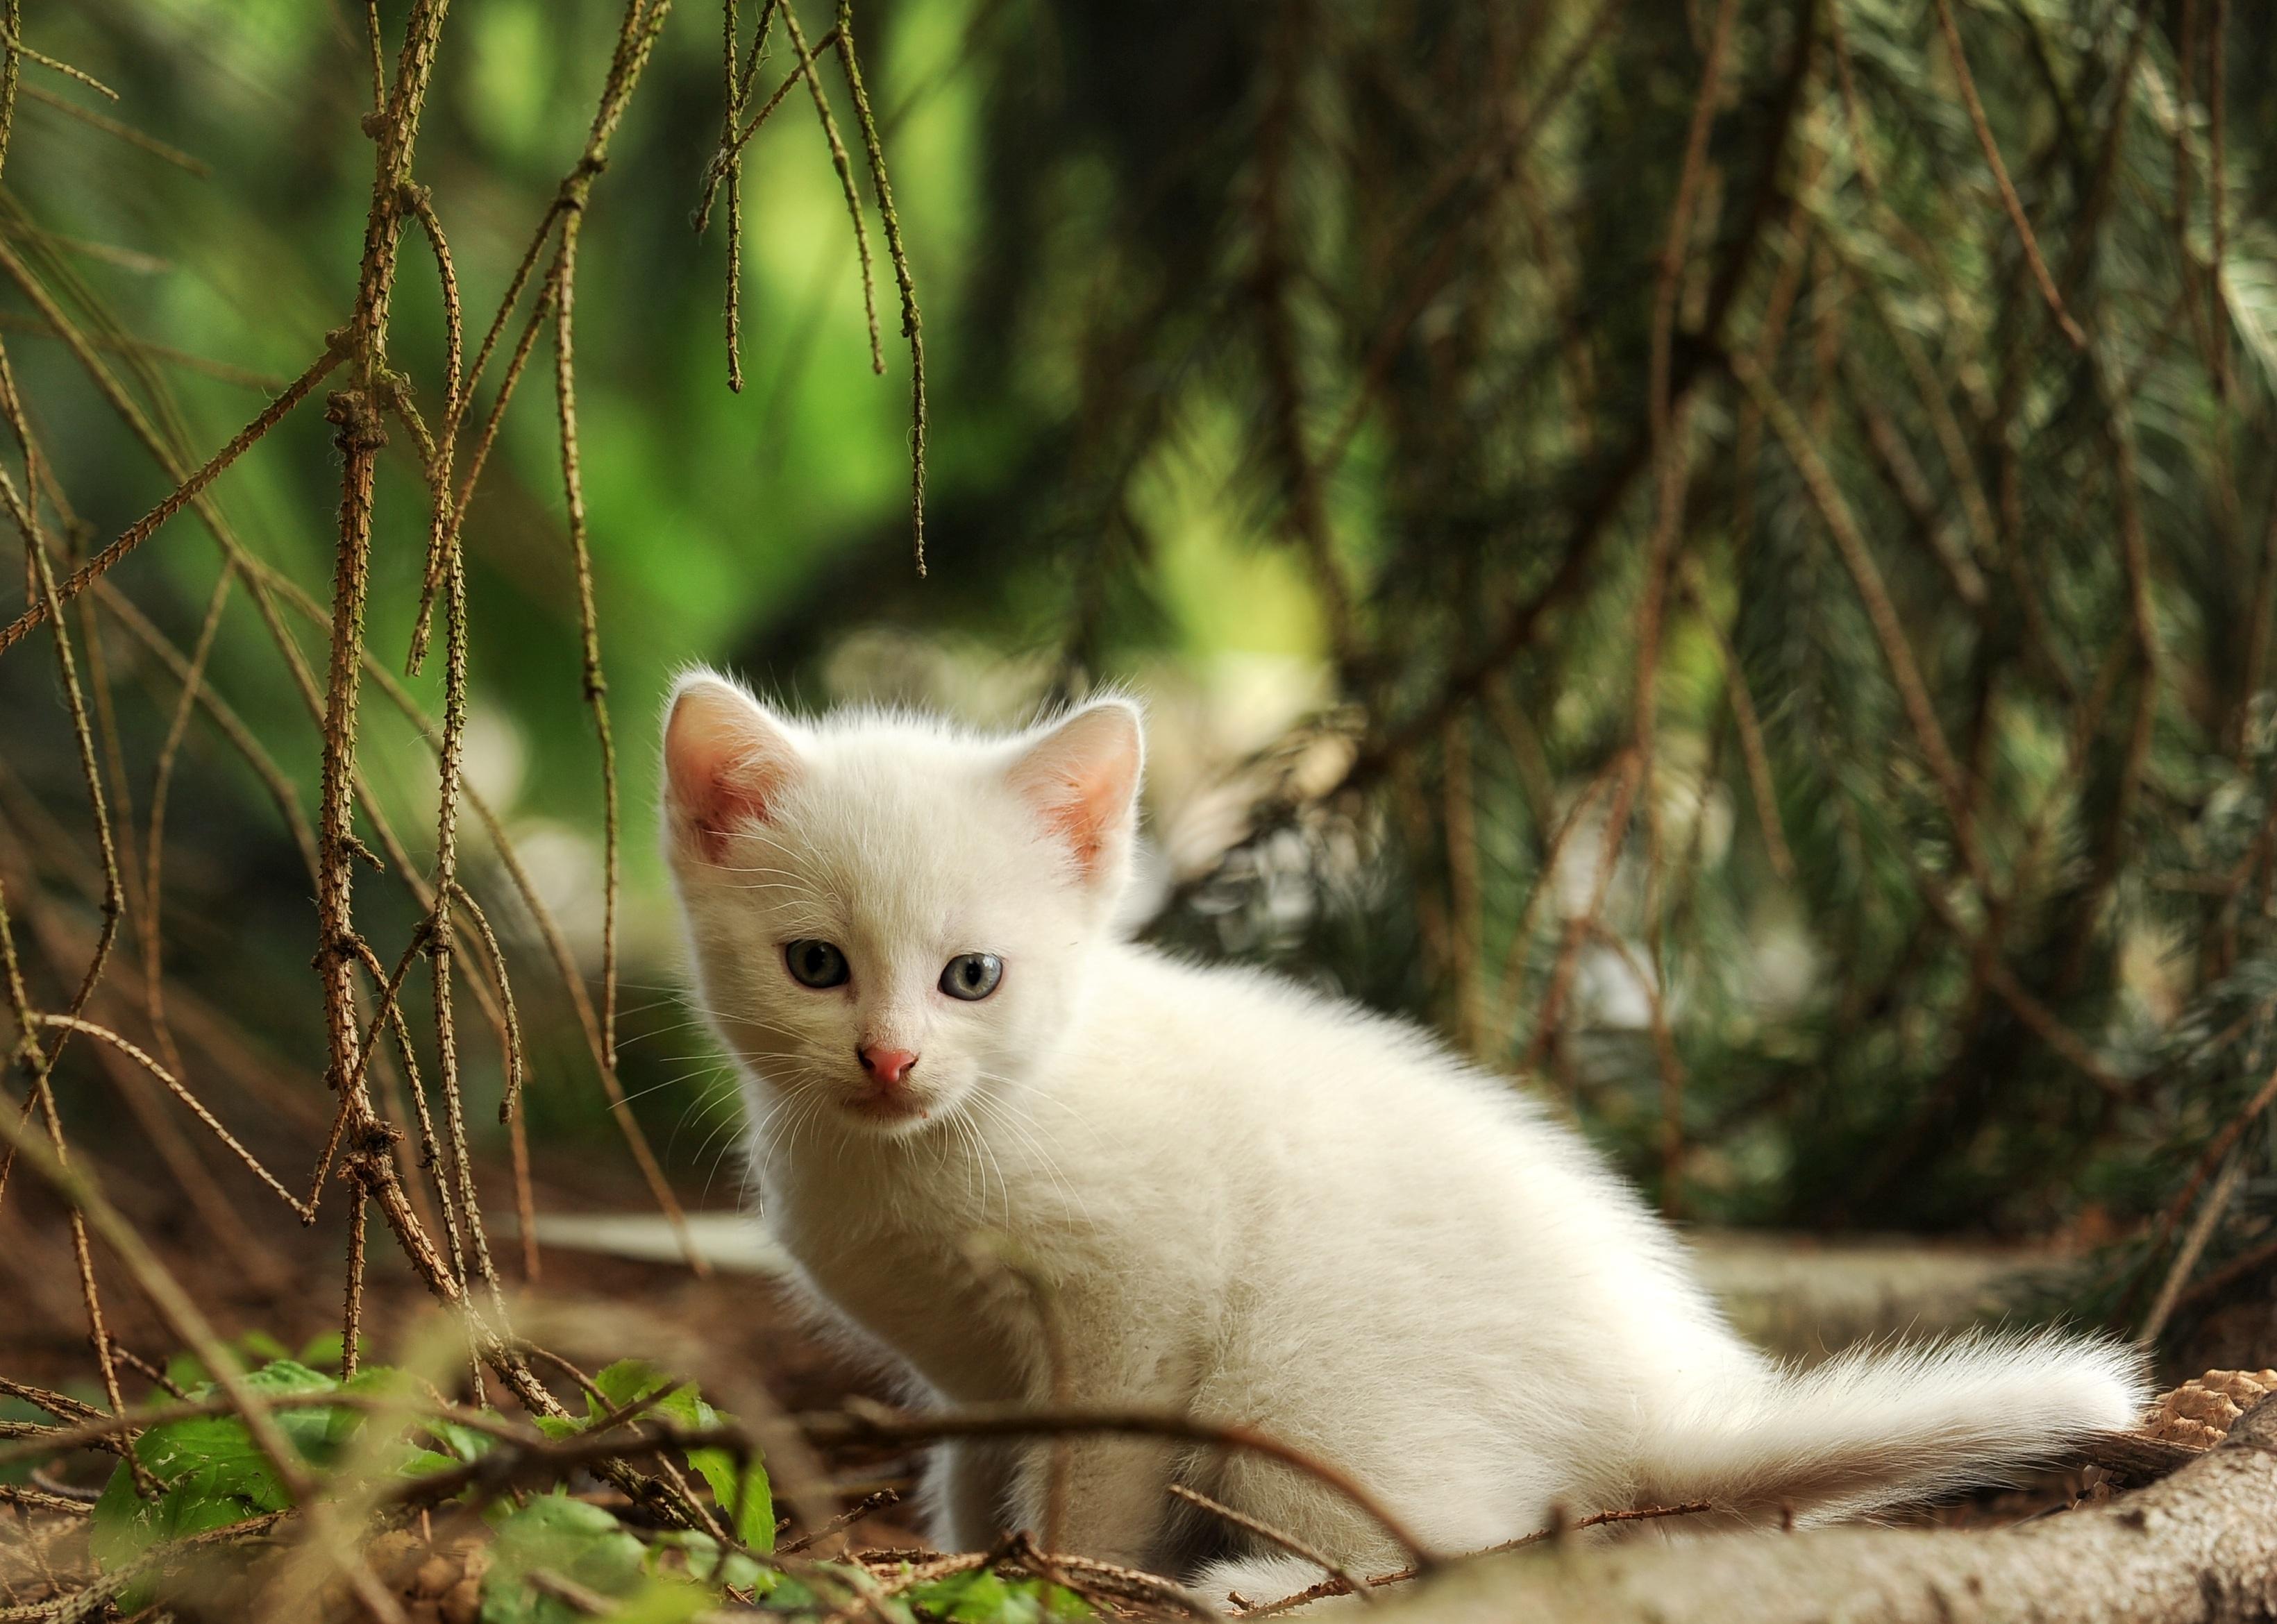 природа животные кот белый nature animals cat white  № 102760 загрузить